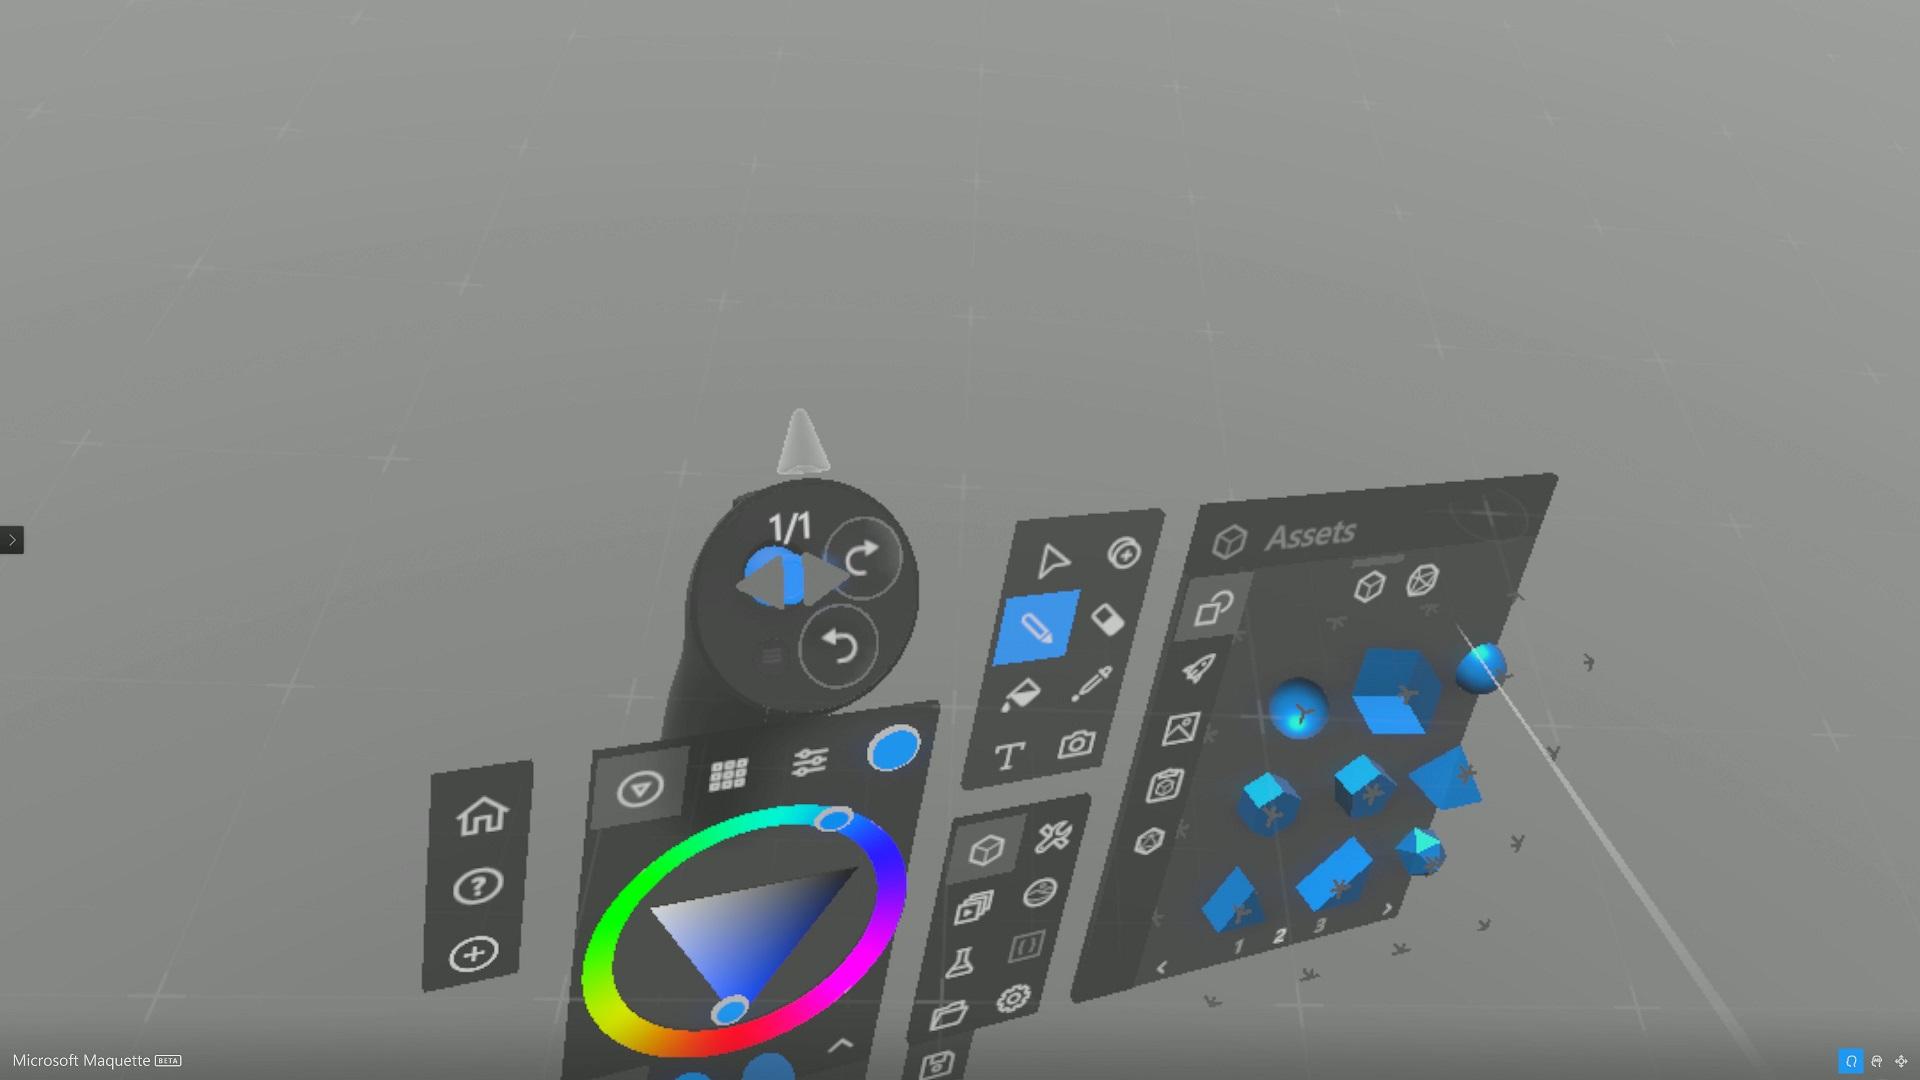 Maquetteの基本オブジェクトは下半分の左上のアセット欄から選択できる